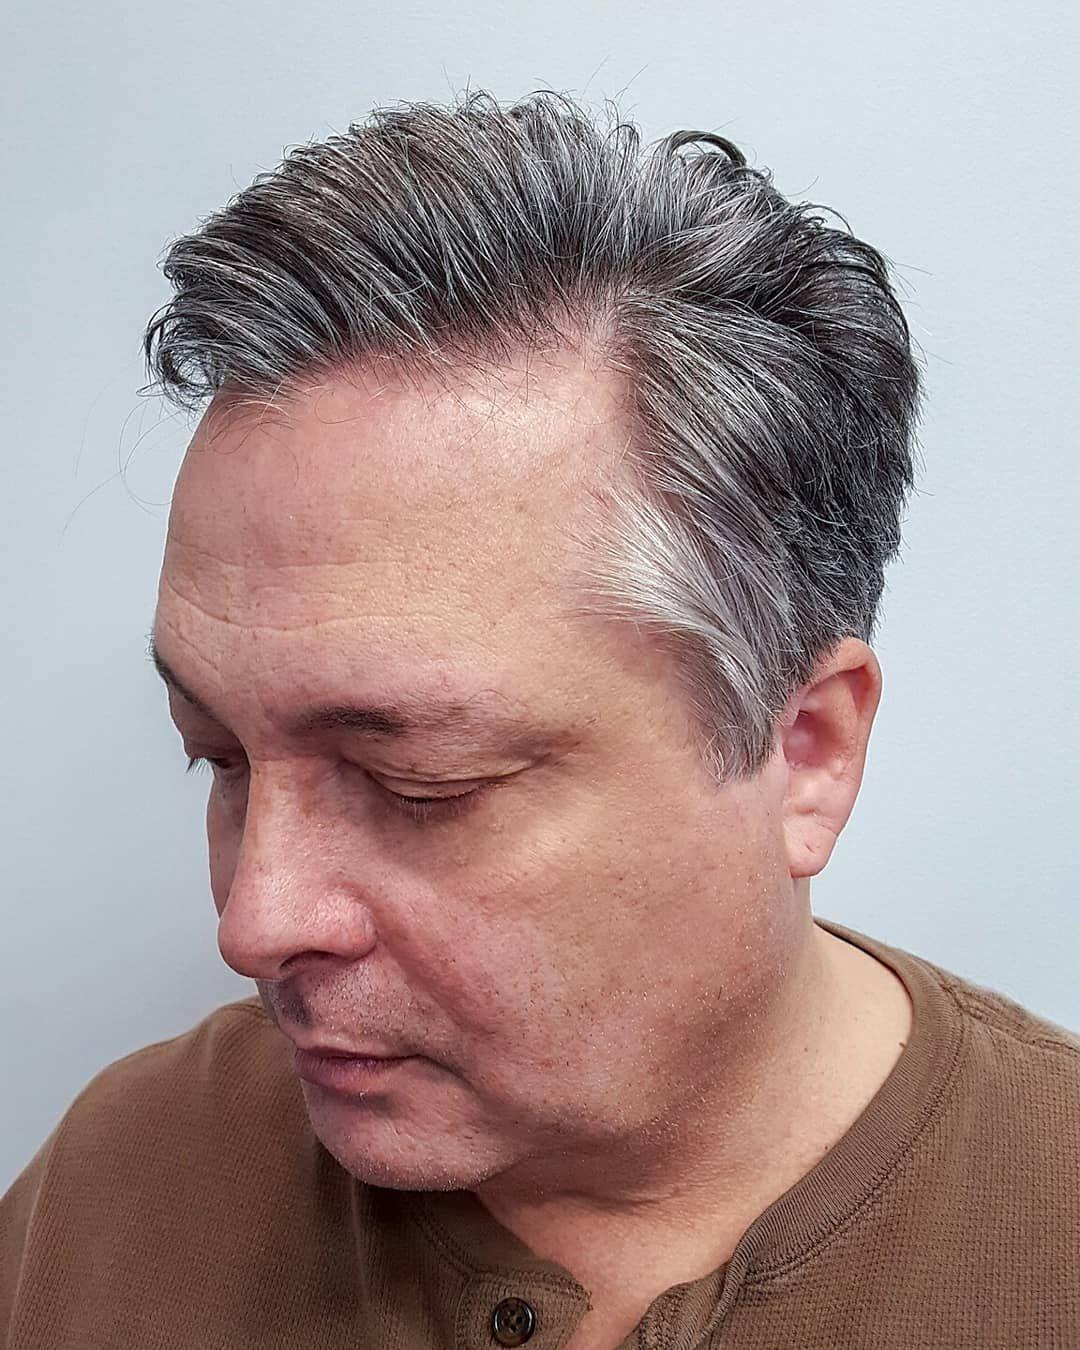 mens haircut, older mens haircut, gray haircut, 50 year old